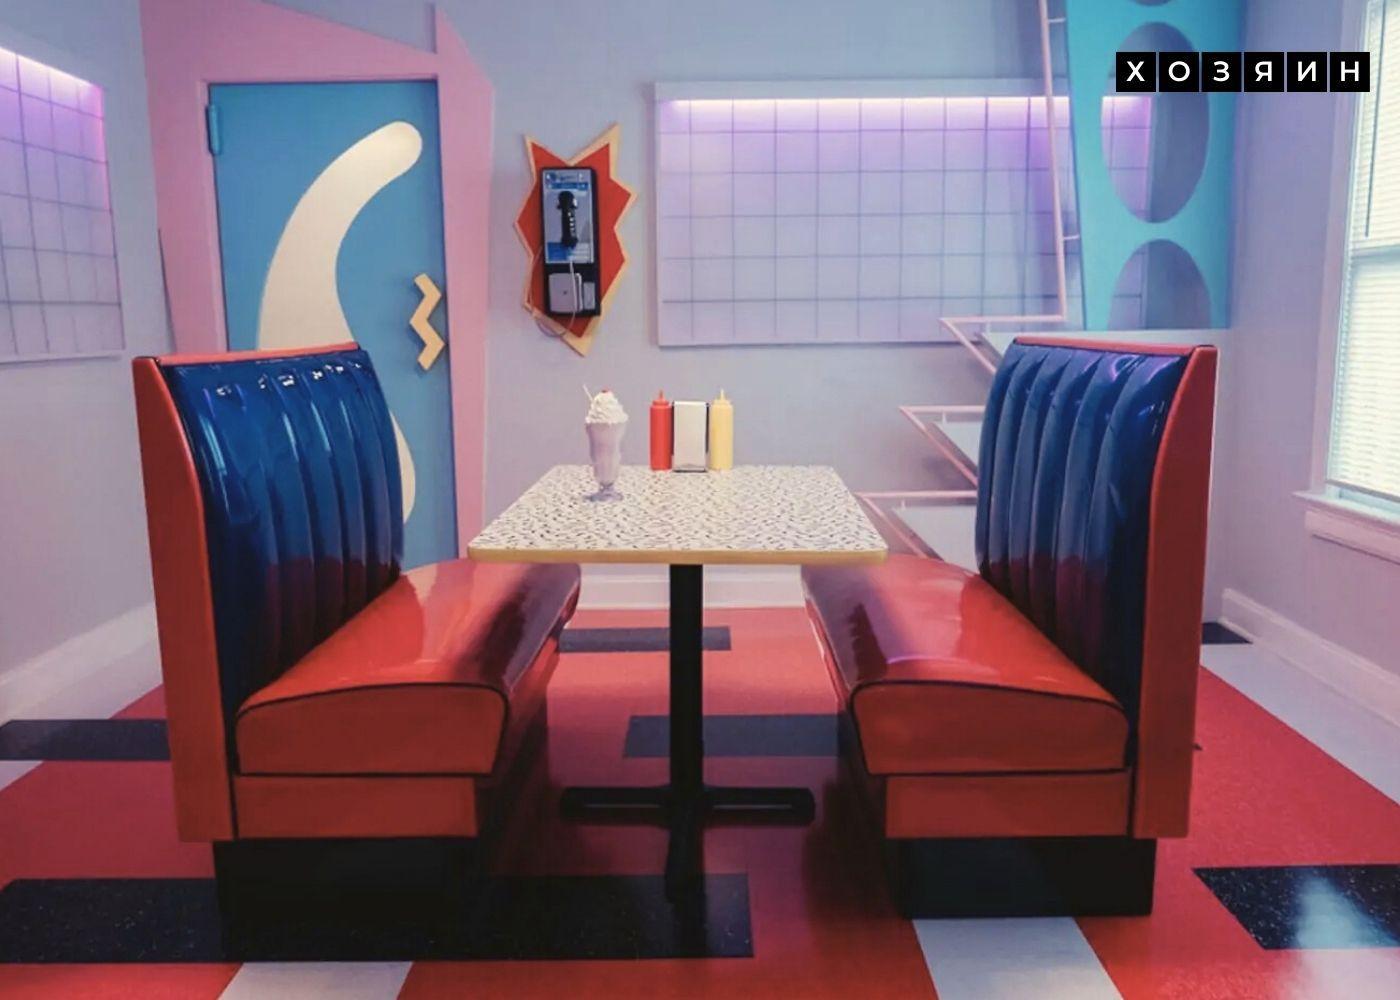 Дизайн квартиры для сдачи в аренду в тематическом стиле Америки 90-х.